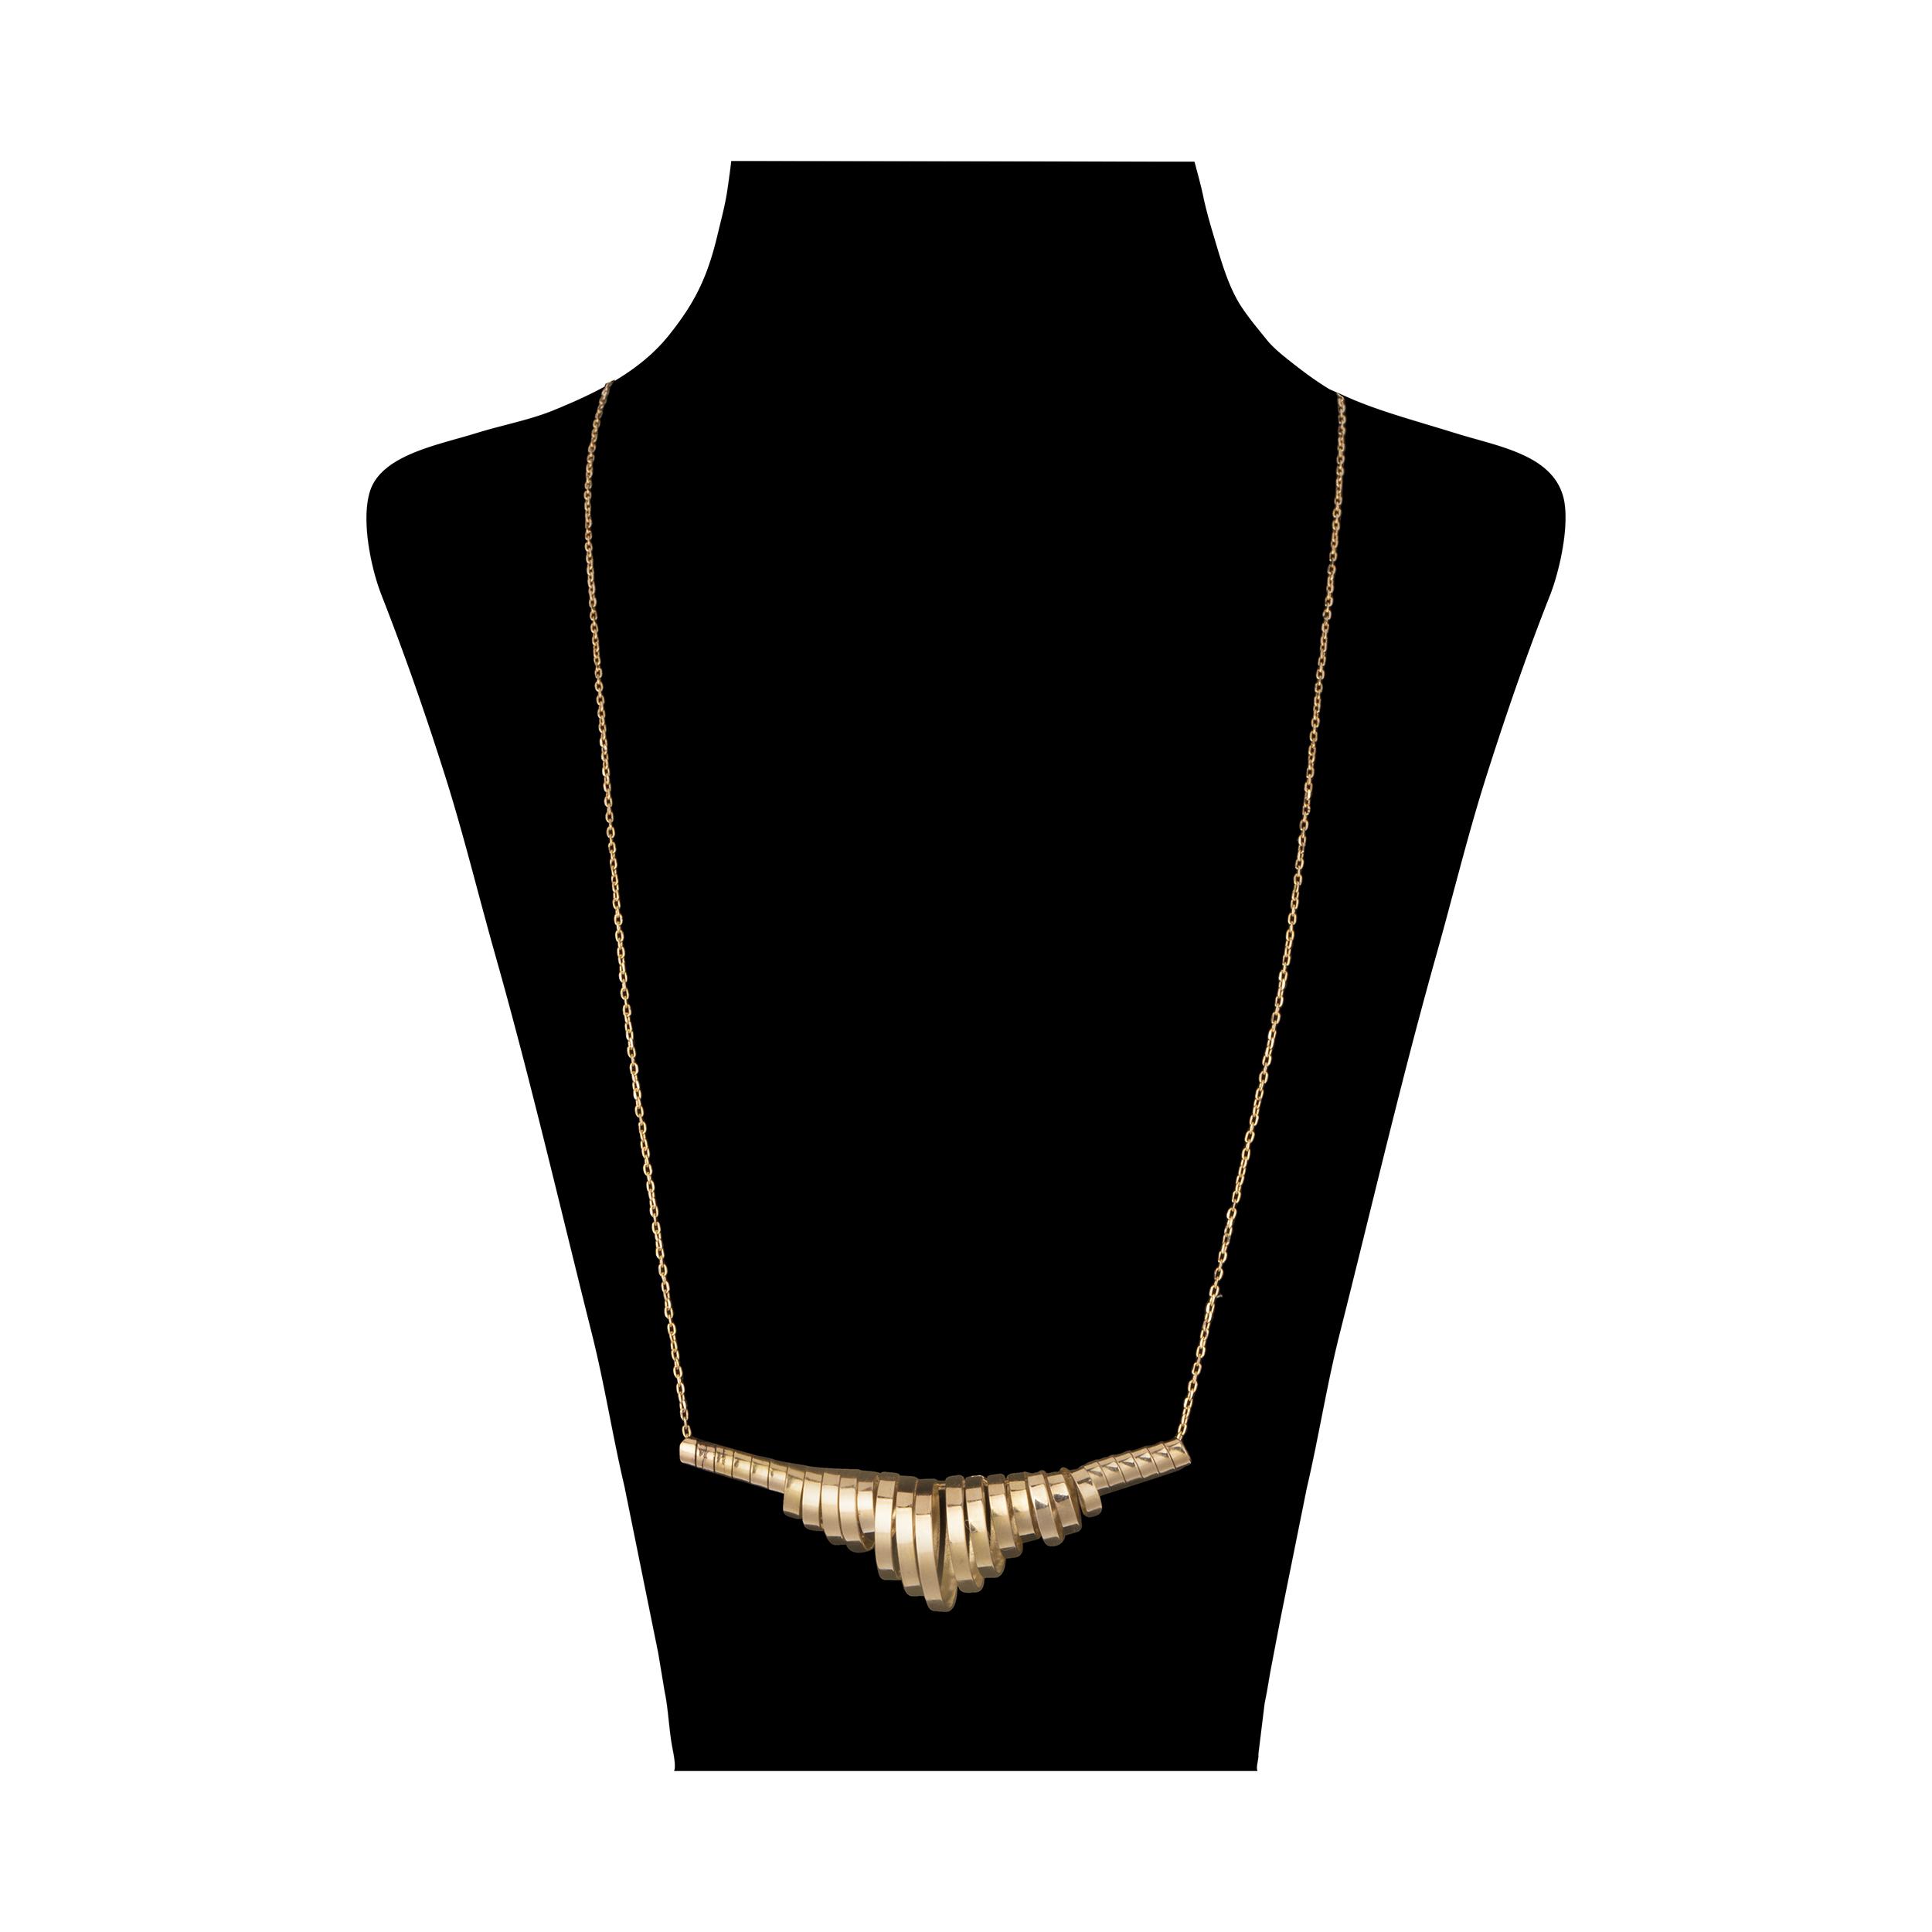 گردنبند طلا 18 عیار زنانه سنجاق مدل X071304 -  - 1